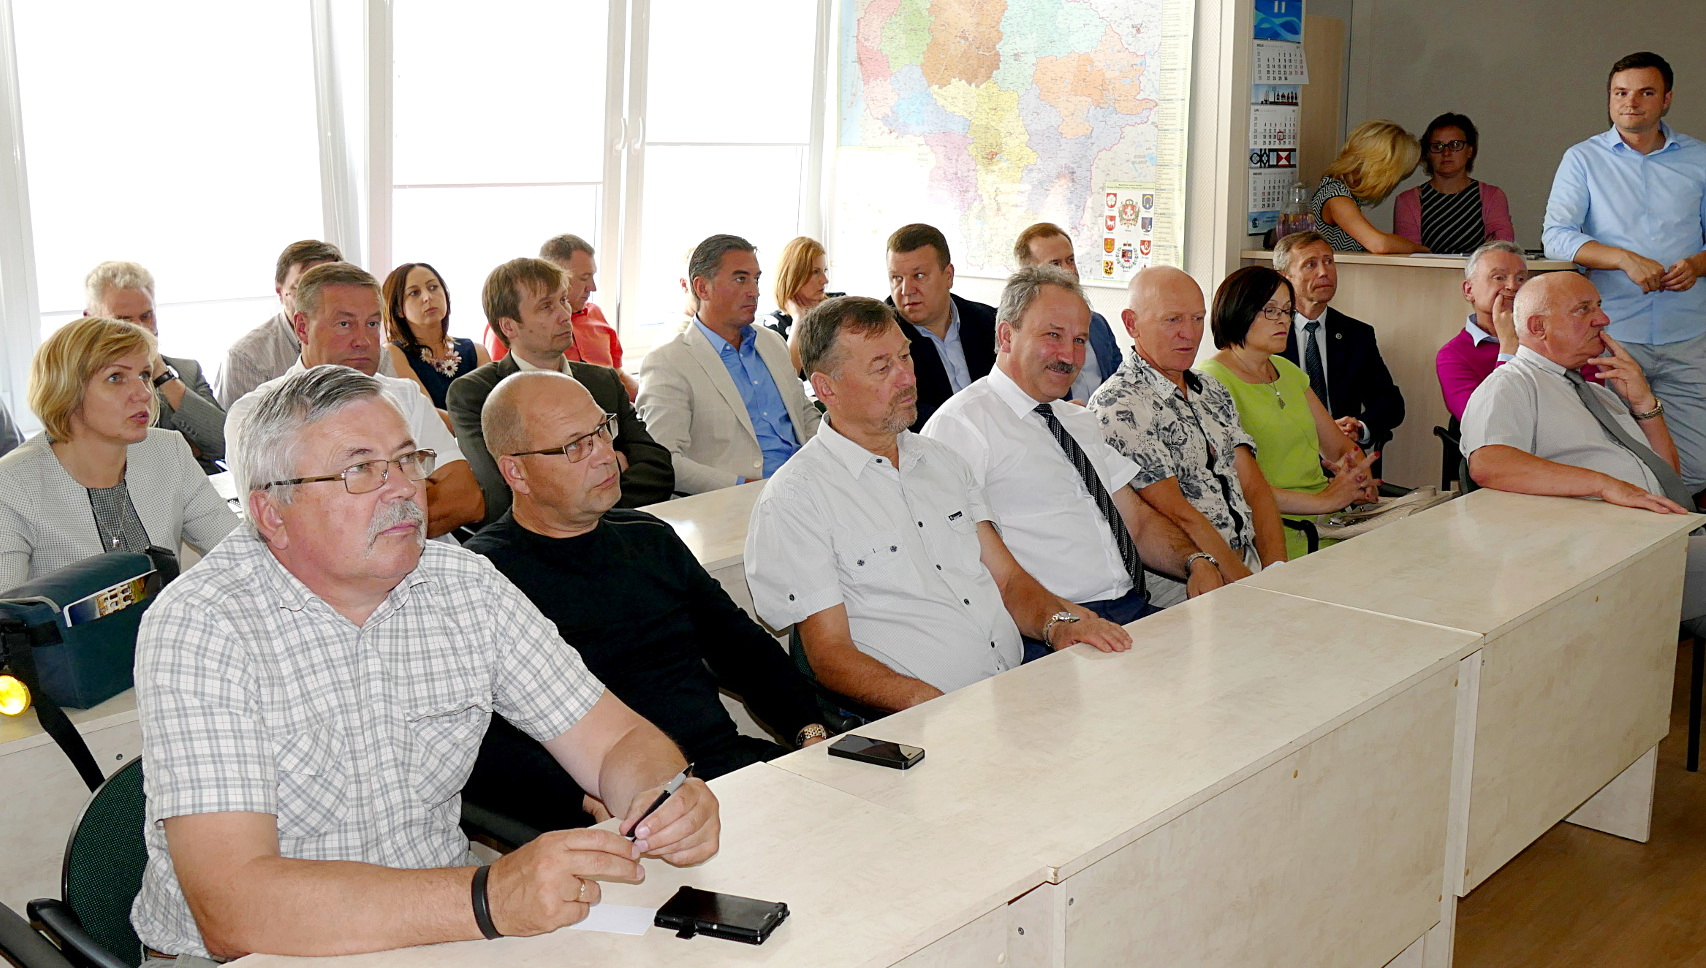 Investicinių projektų pristatymai sulaukė didelio susidomėjimo. Susirinkusieji vos tilpo mažojoje posėdžių salėje.